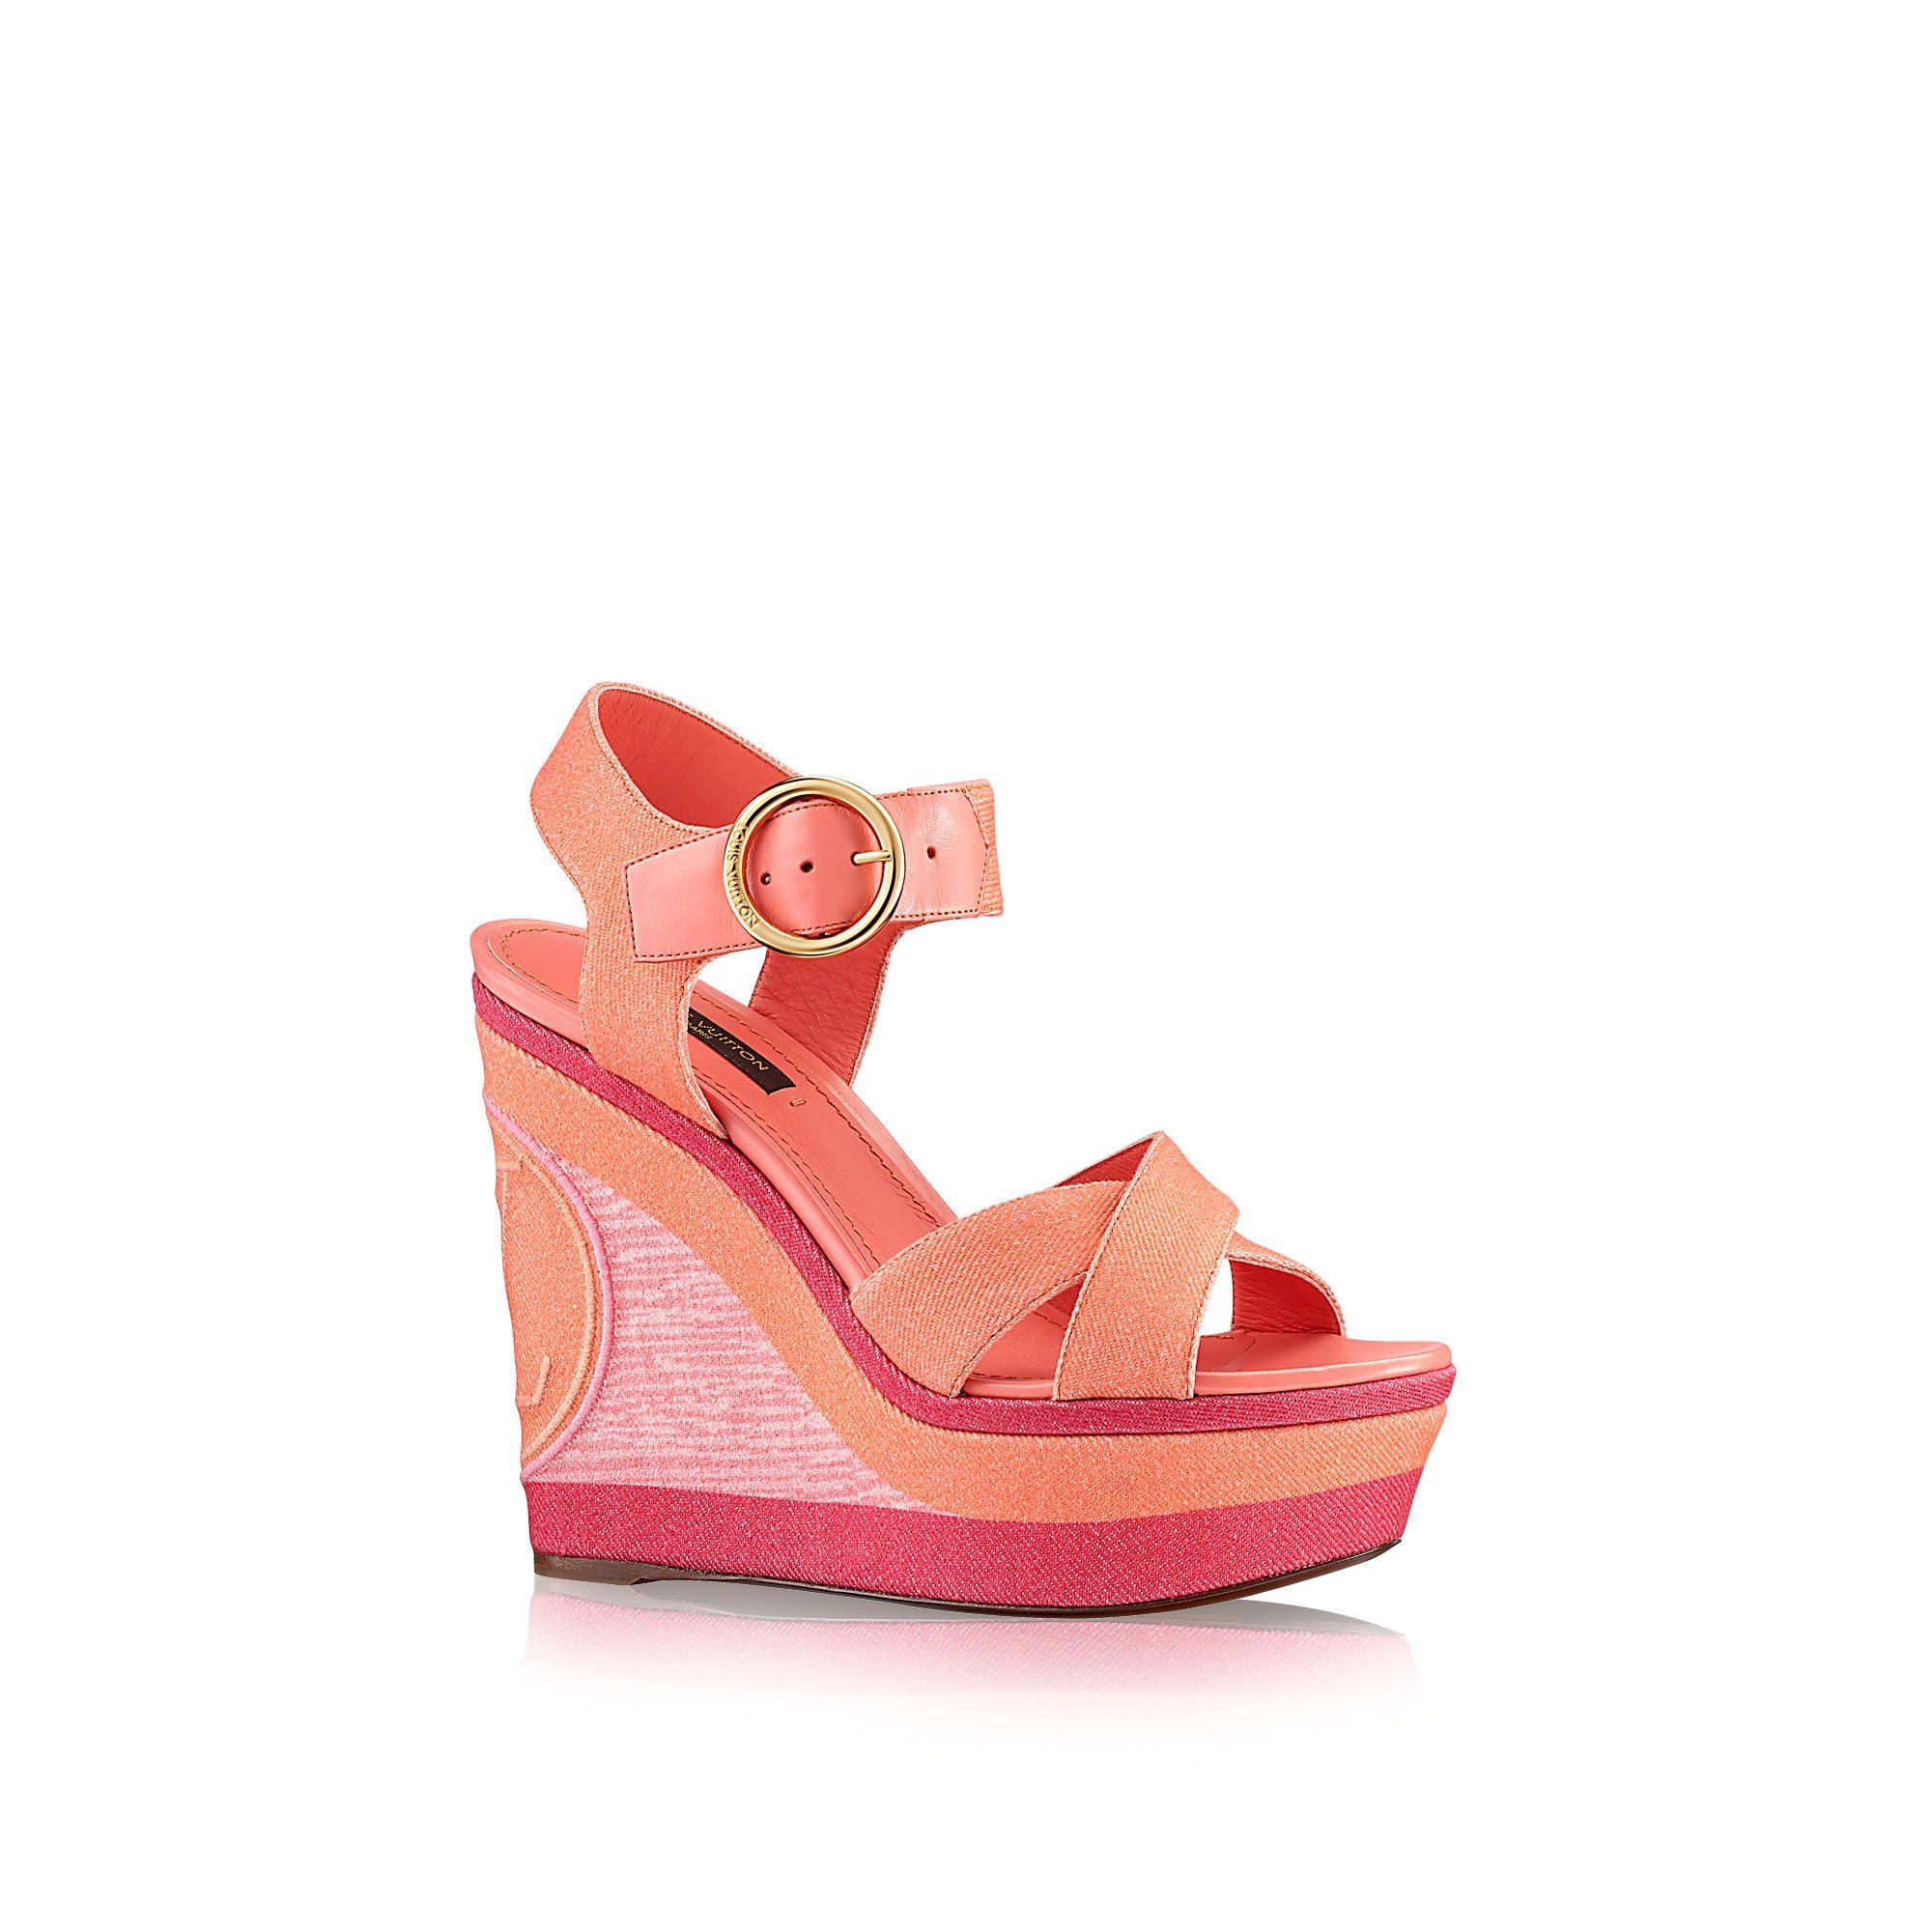 c5ce6bde6f0 Discover Louis Vuitton Blue Shore Wedge Sandal via Louis Vuitton. Louis  Vuitton ShoesShoe .